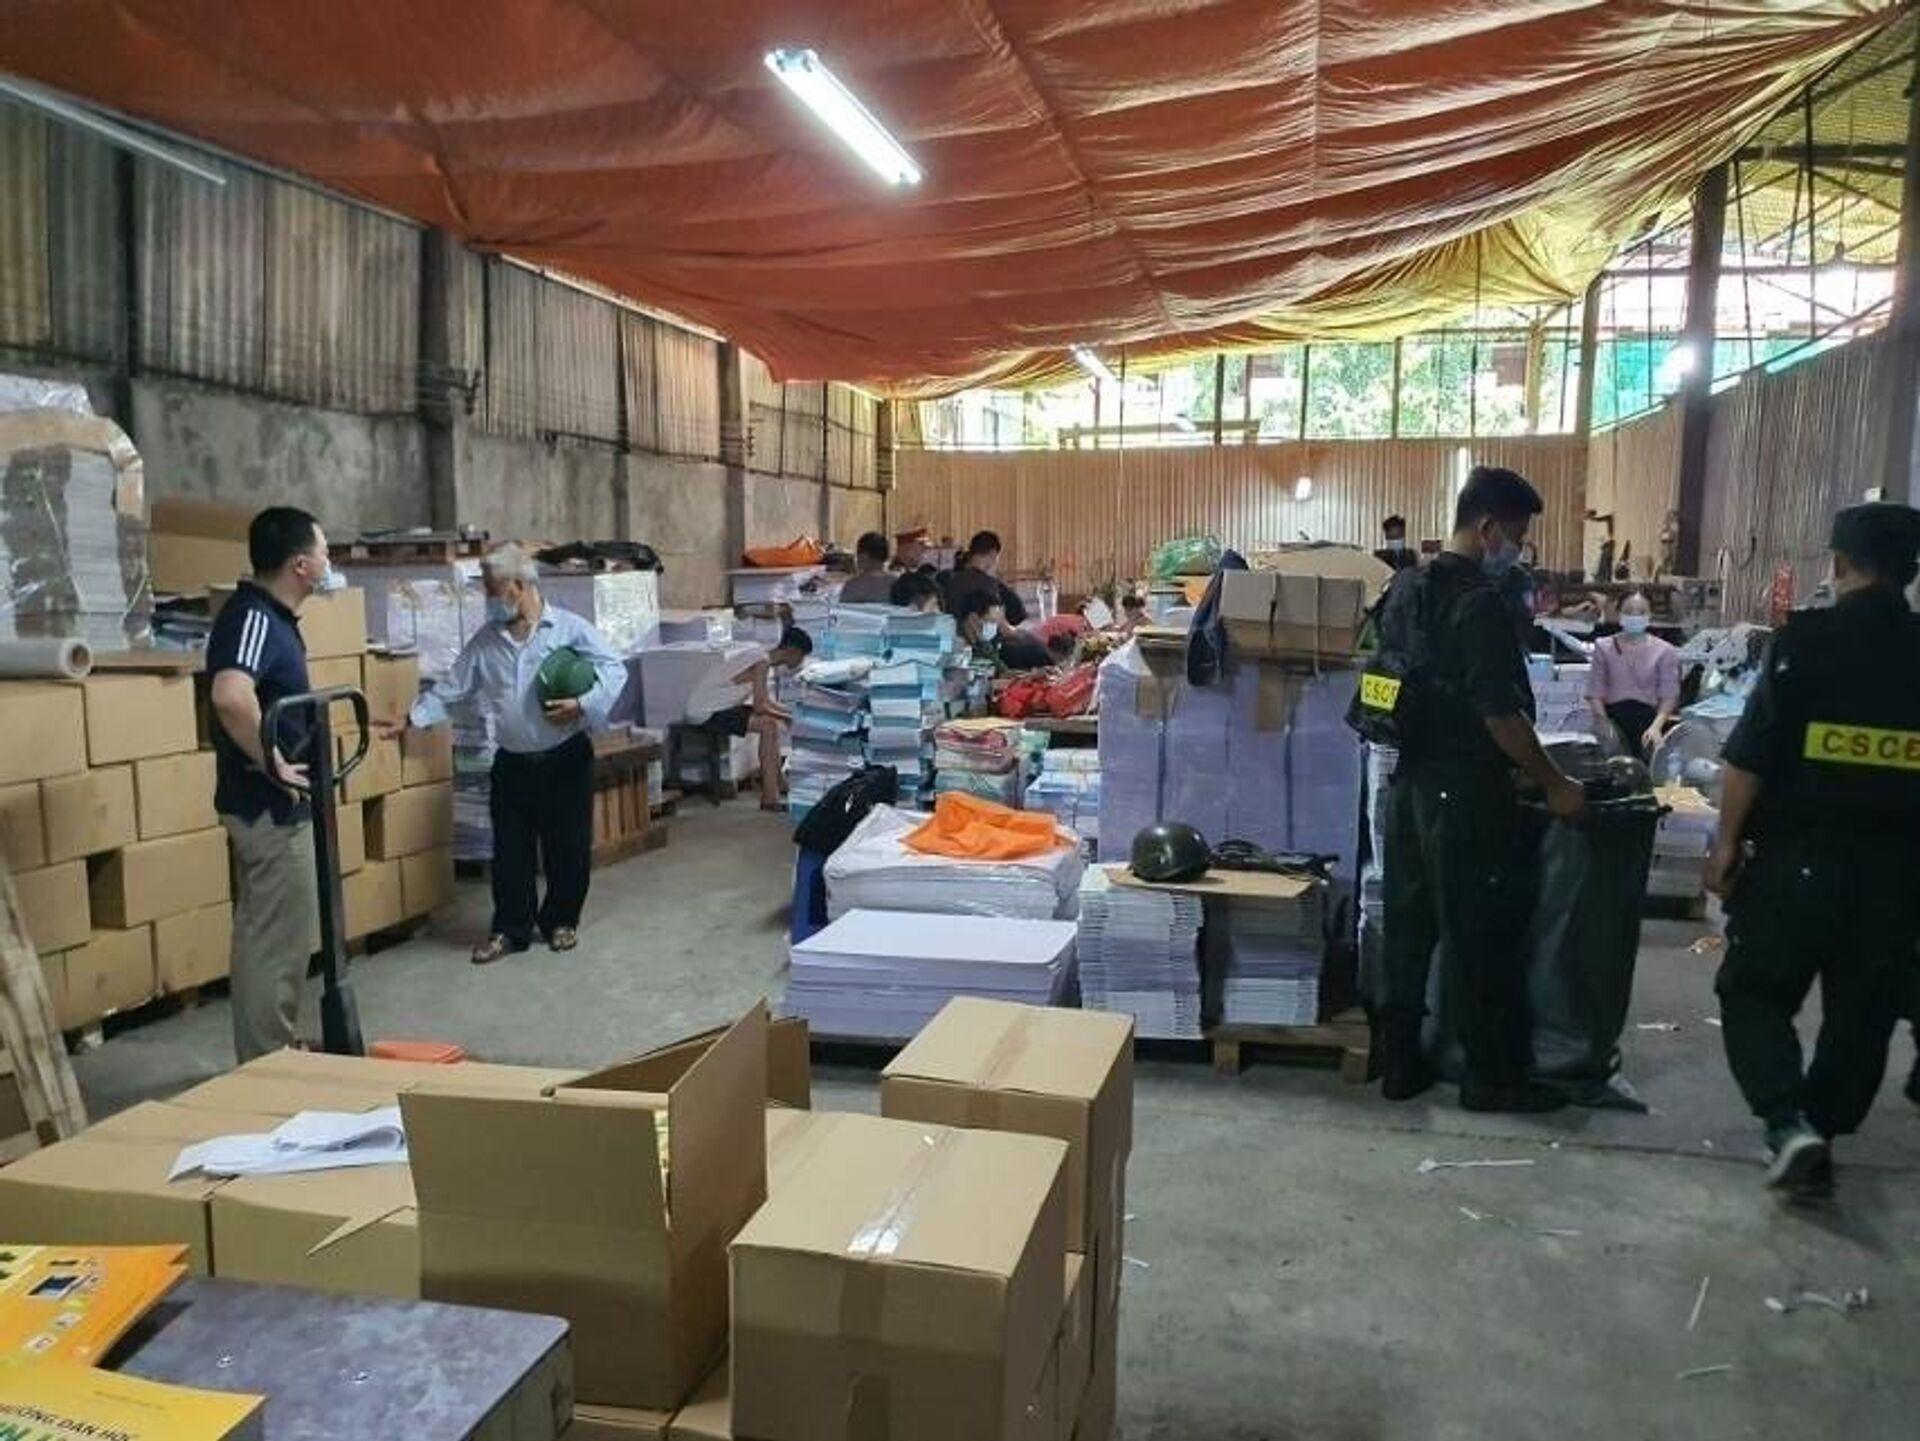 Hà Nội: Triệu tập hàng chục đối tượng liên quan đến đường dây làm giả 3 triệu cuốn sách - Sputnik Việt Nam, 1920, 20.06.2021